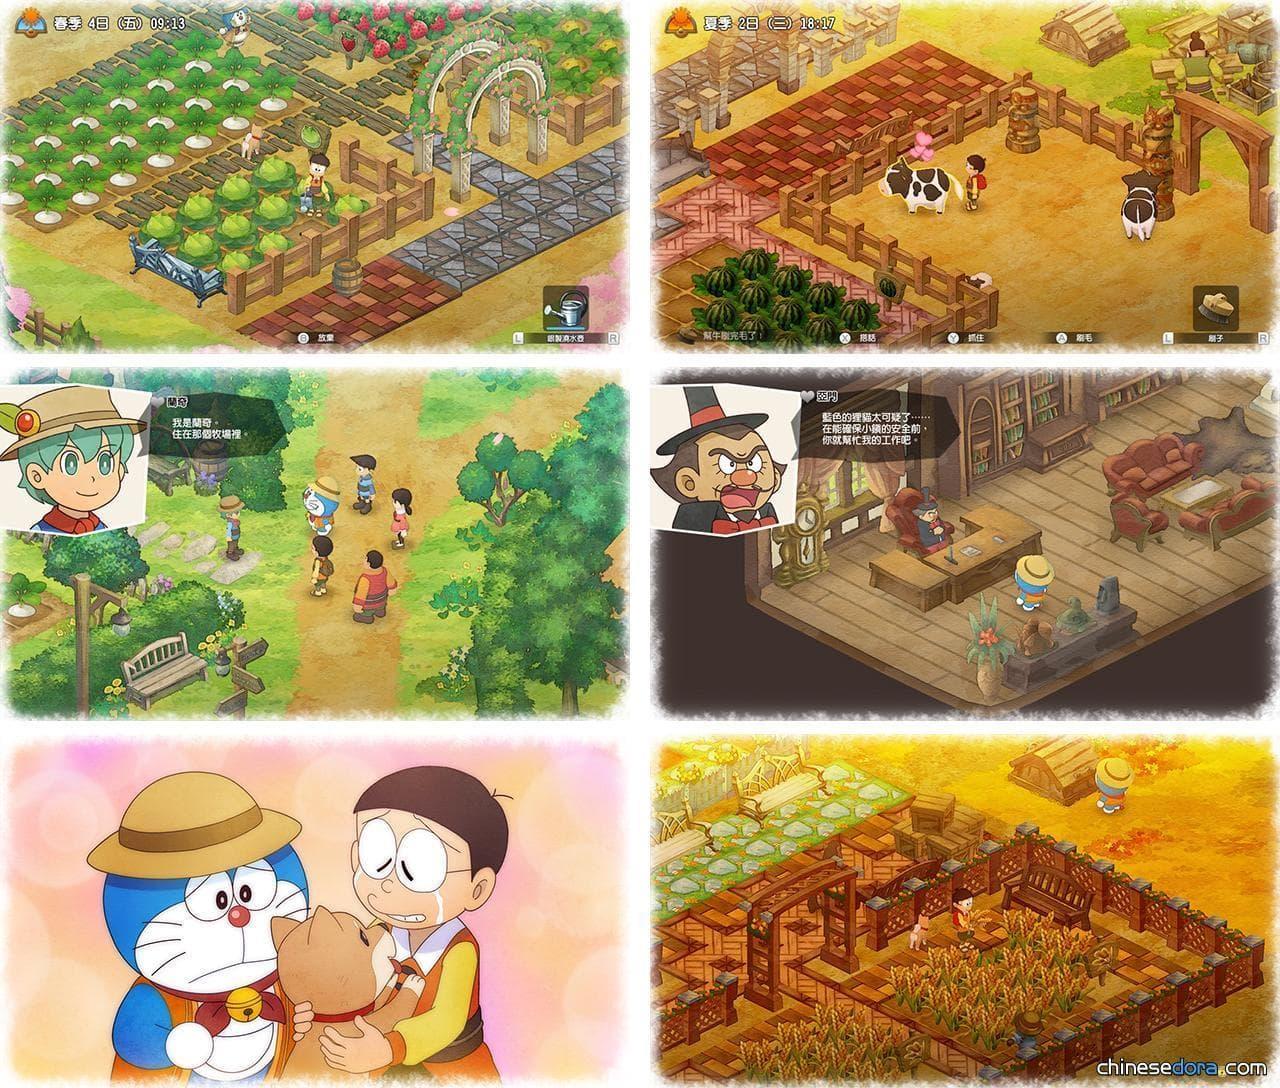 [台灣] 《哆啦A夢:牧場物語》NS 繁體中文版確定7月25日上市!售價NT$1590